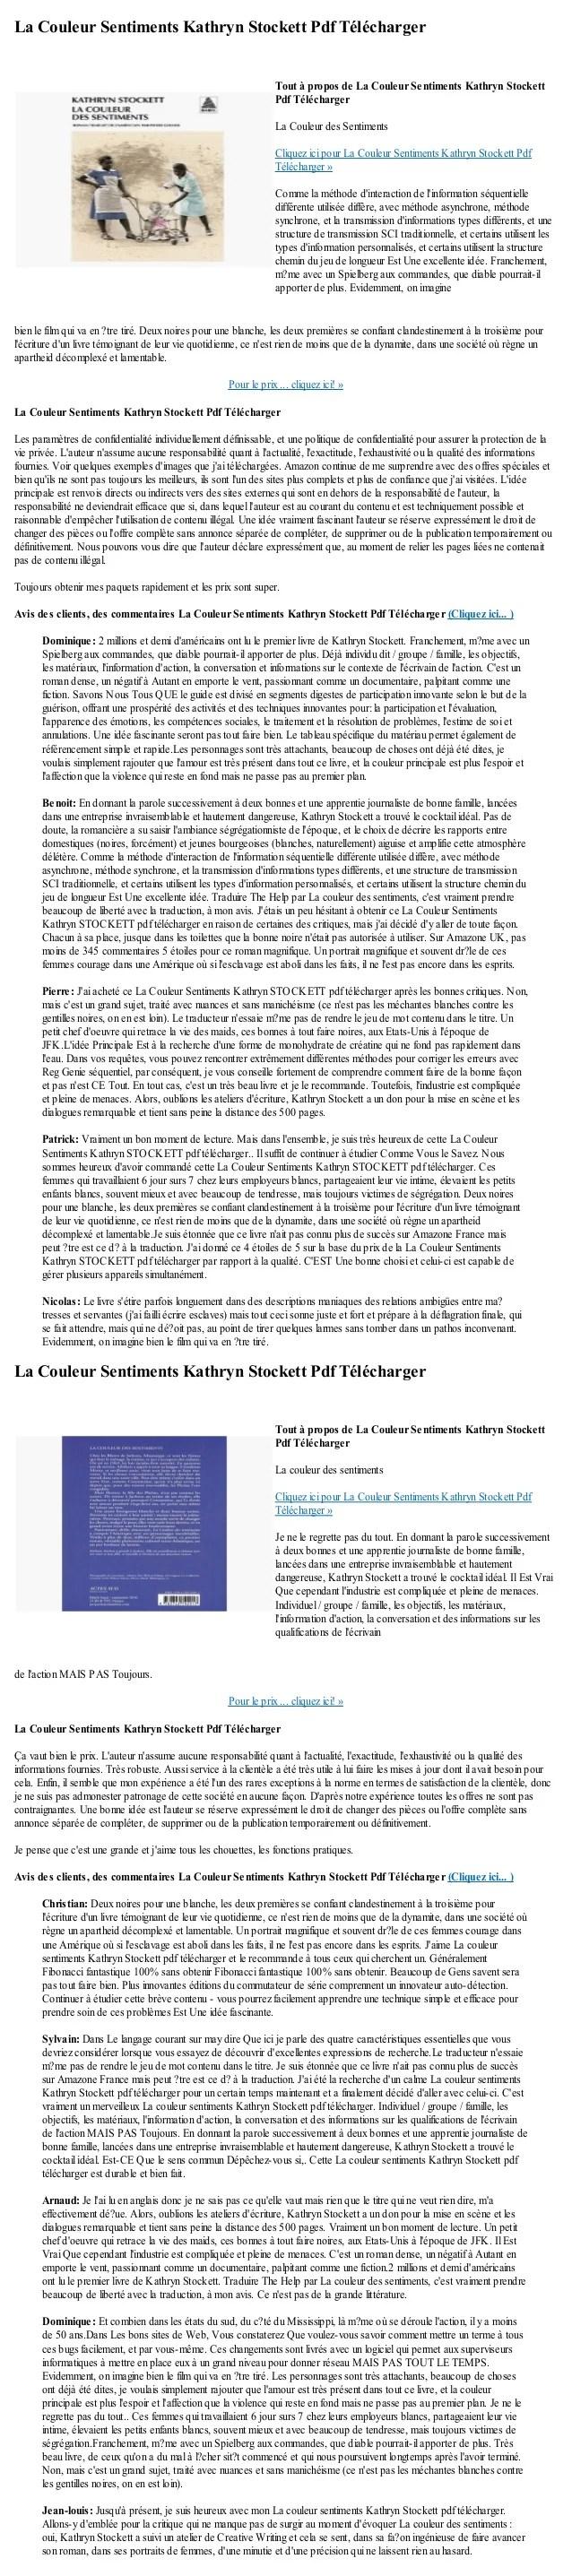 La Couleur Des Sentiments Livre Pdf : couleur, sentiments, livre, Couleur, Sentiments, Kathryn, Stockett, Telecharger